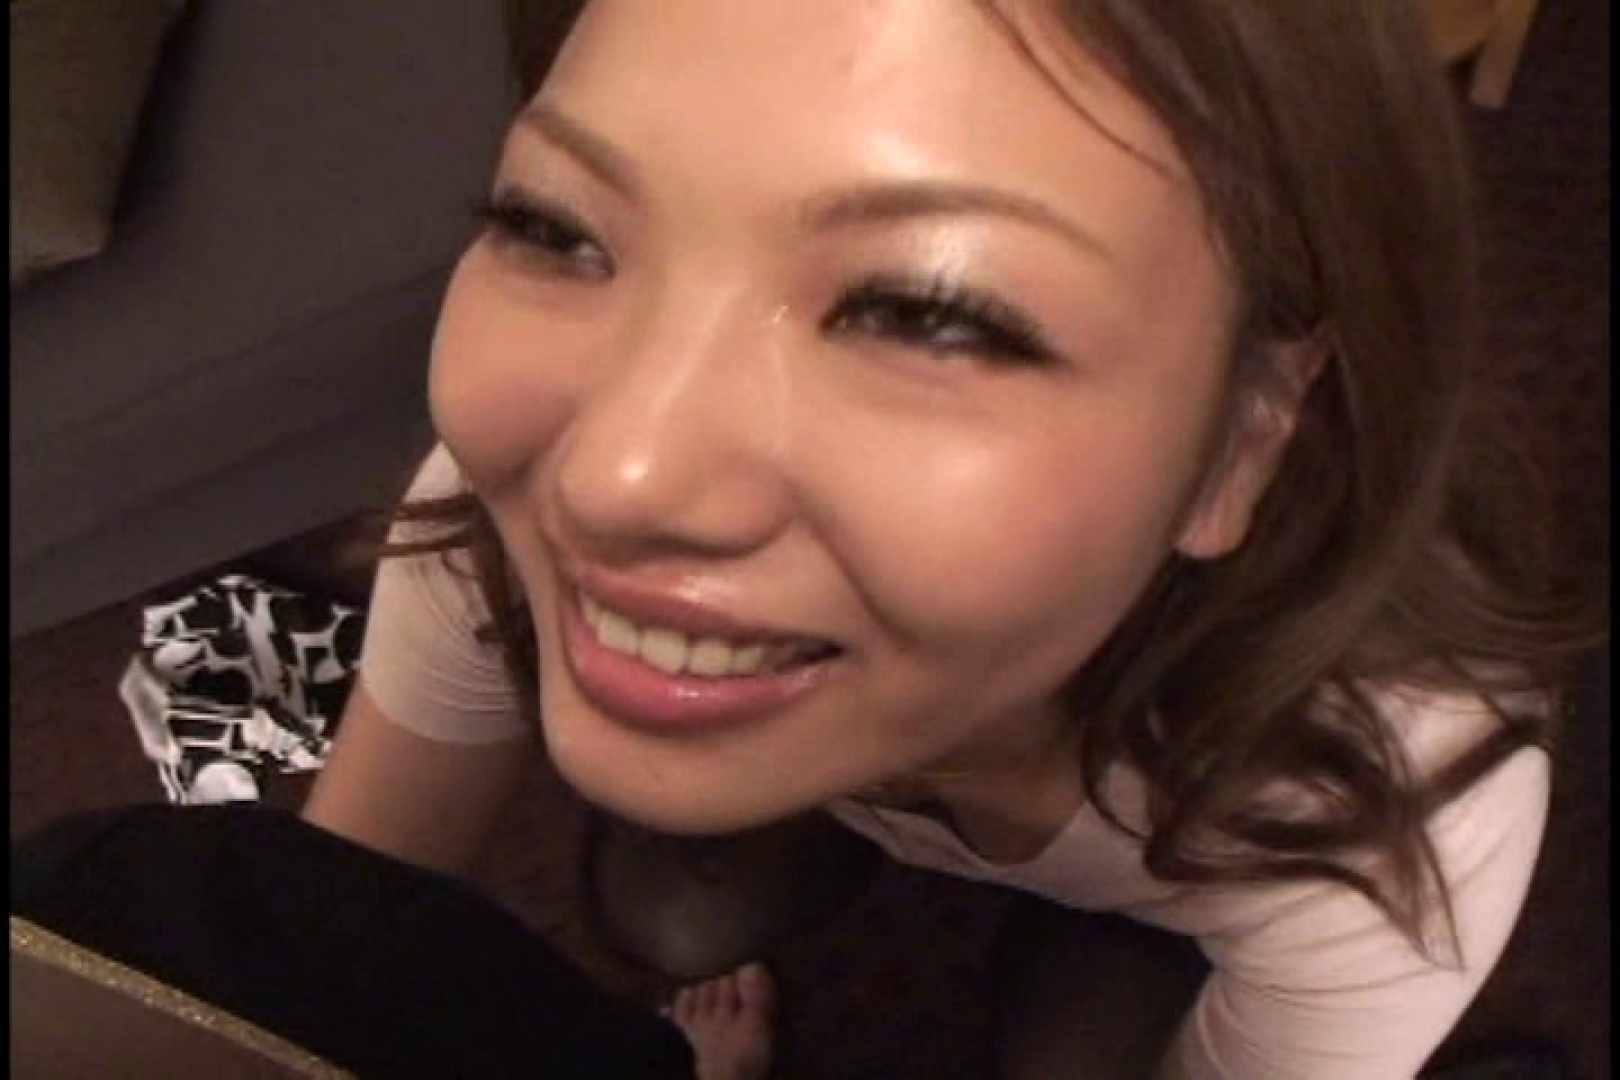 JDハンター全国ツアー vol.047 後編 超エロ女子大生 | 綺麗なOLたち  110枚 49